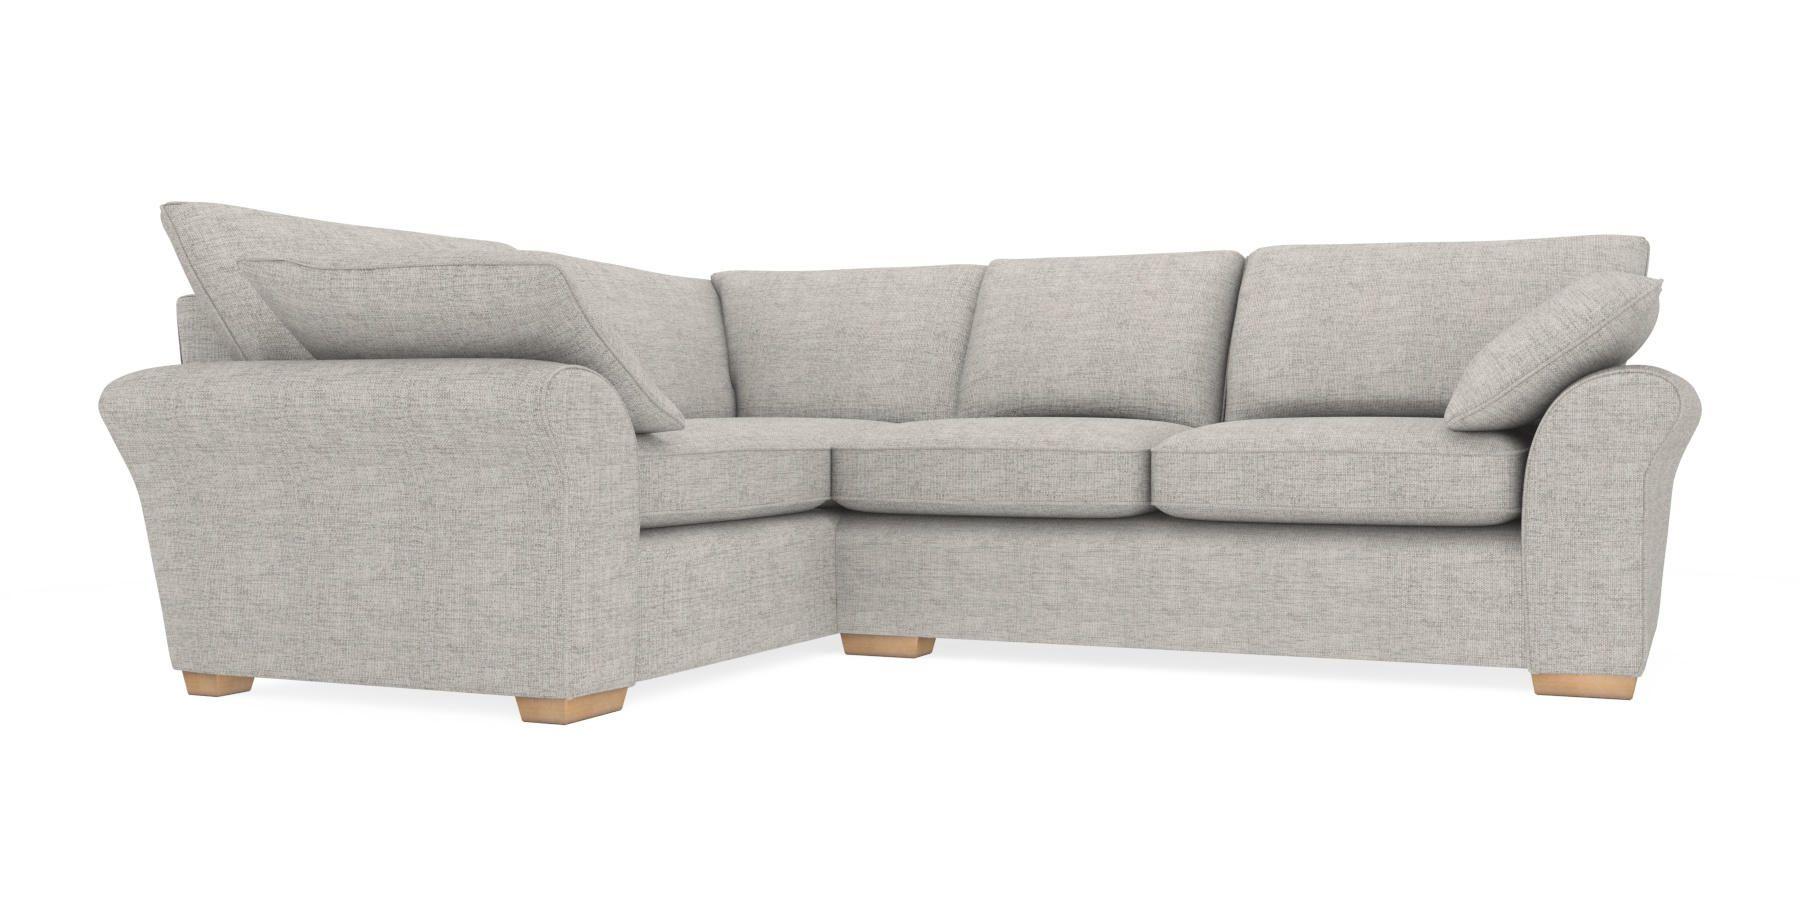 Garda Corner Sofa Left Hand 4 Seats Textured Weave Light Grey Block From The Next Uk Online